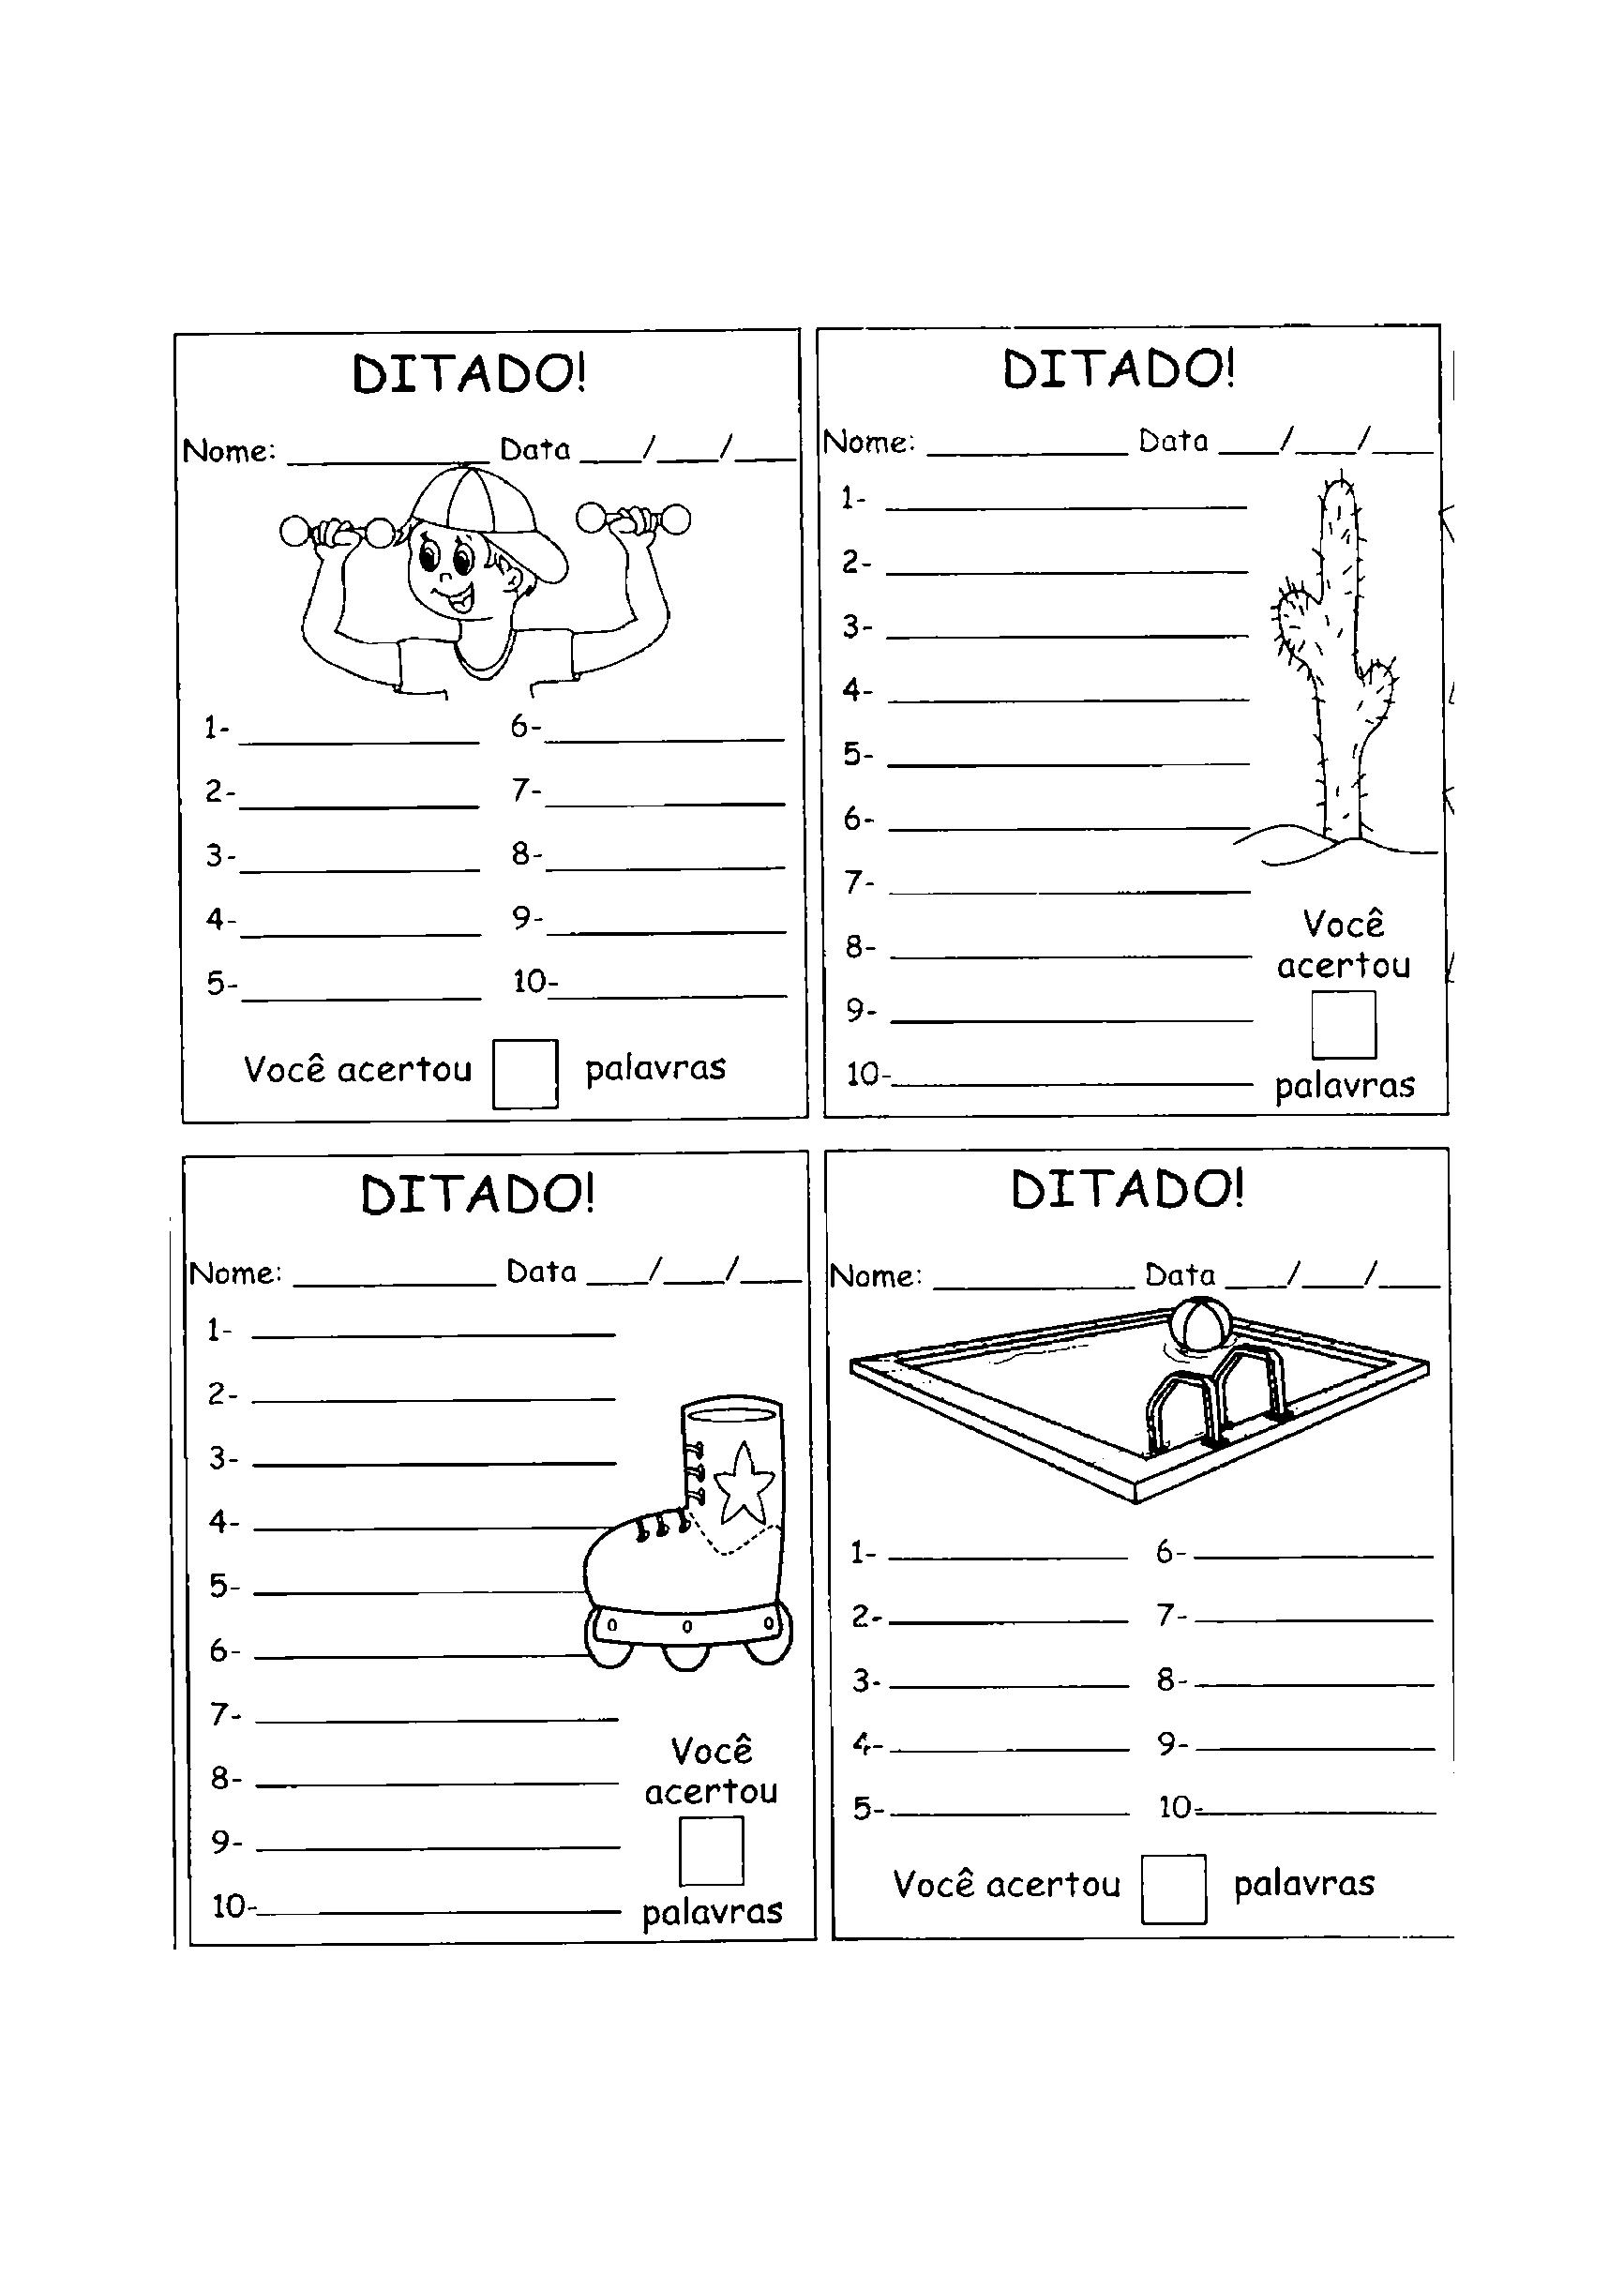 0194-ditado-folhas-menino